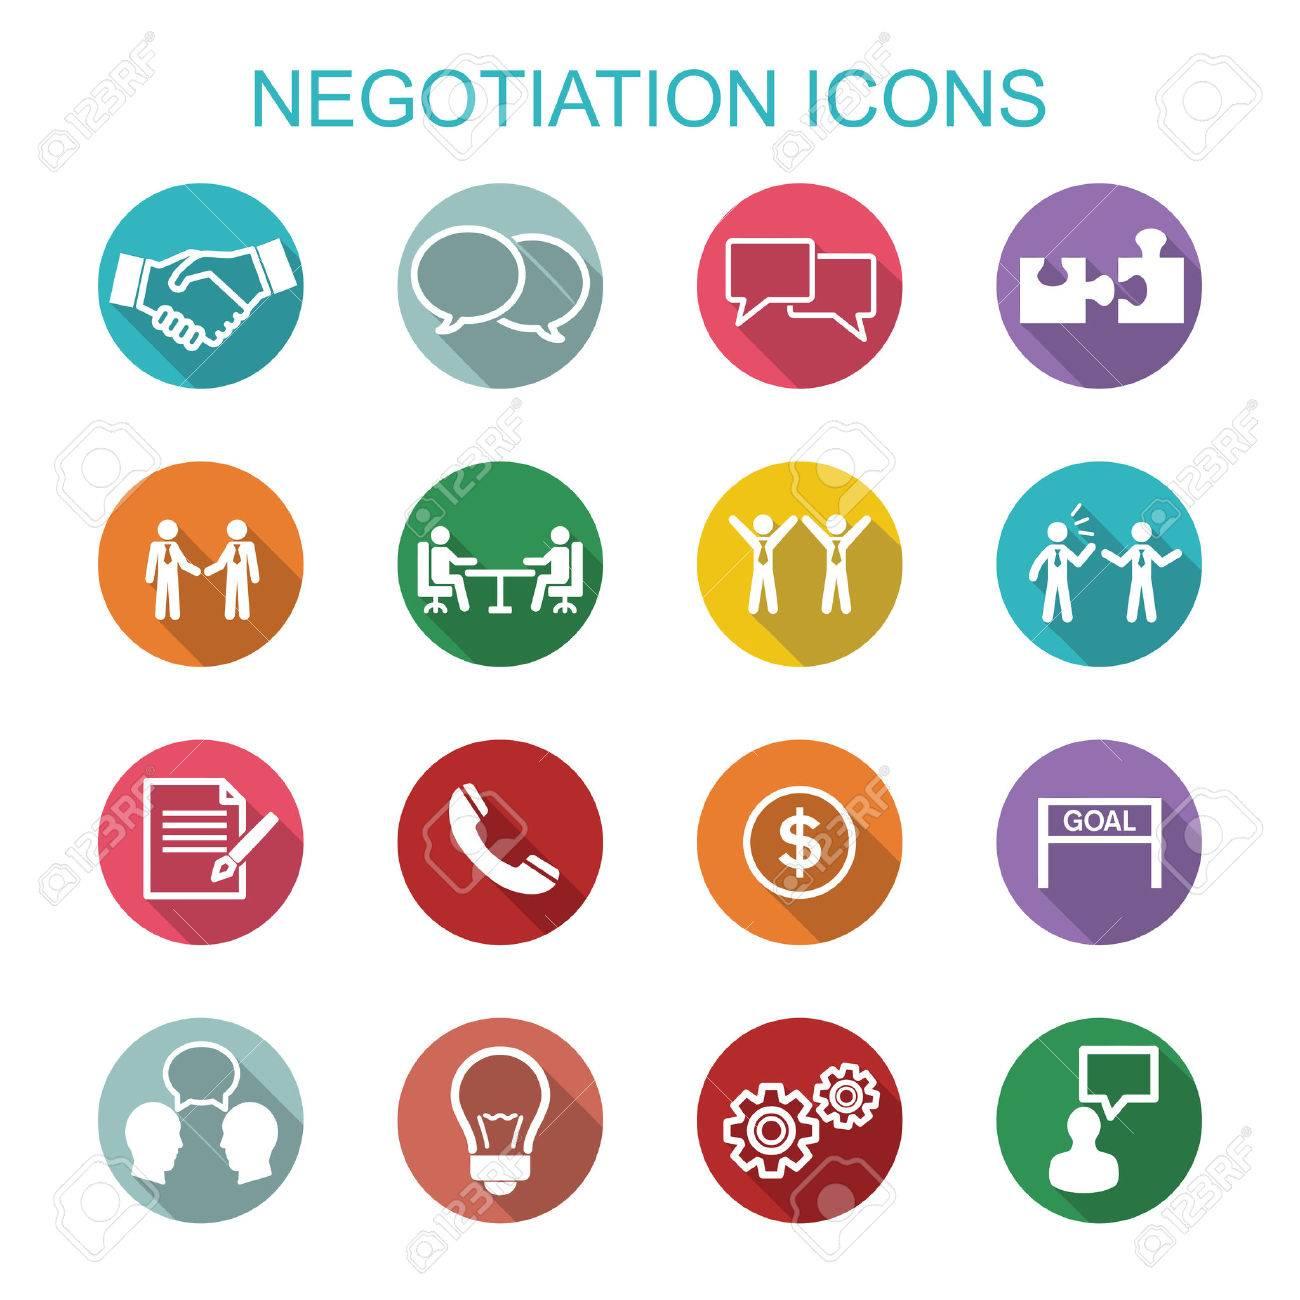 Negotiation icons, flat vector symbols - 40903597